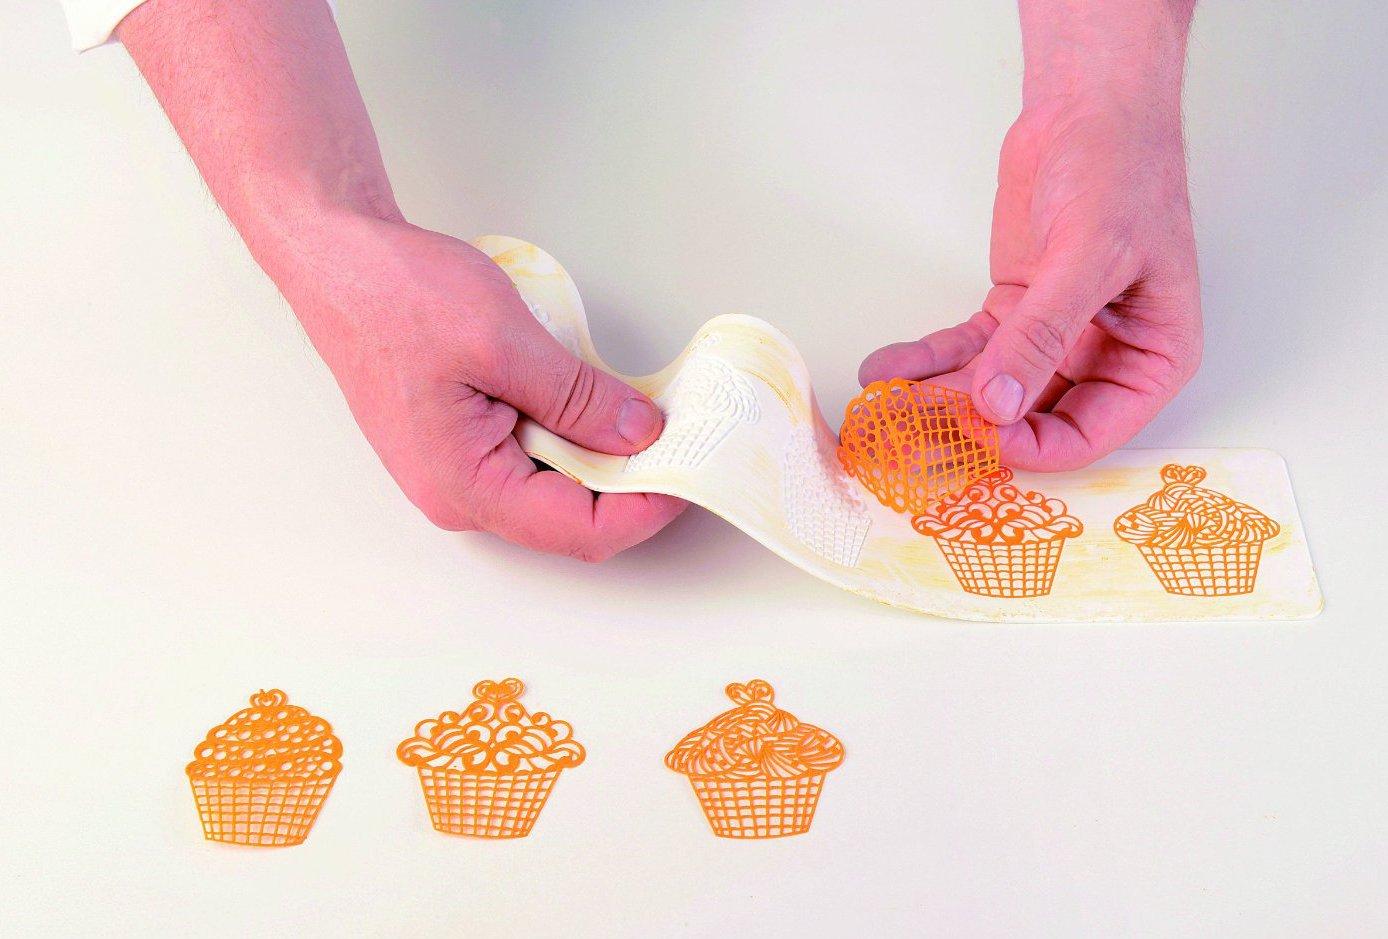 Επιφάνεια σιλικόνης για διακοσμητική δαντέλα Cupcakes TRD12